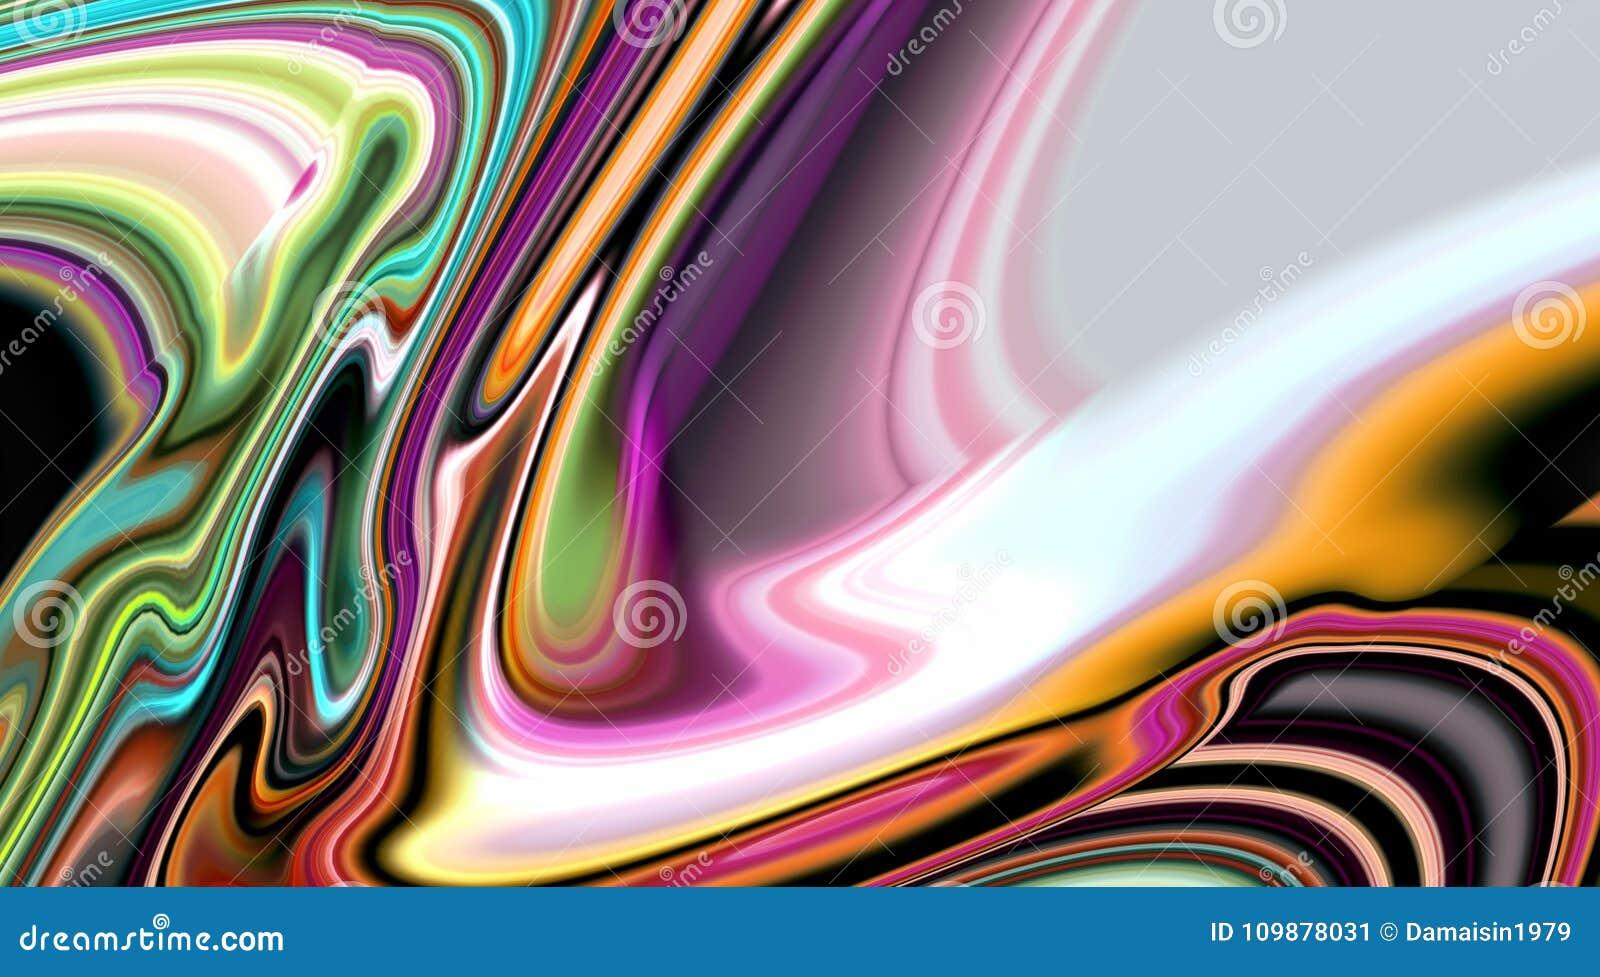 Las líneas lisas suaves vivas borrosas extracto, líneas vivas de las ondas, ponen en contraste el fondo abstracto